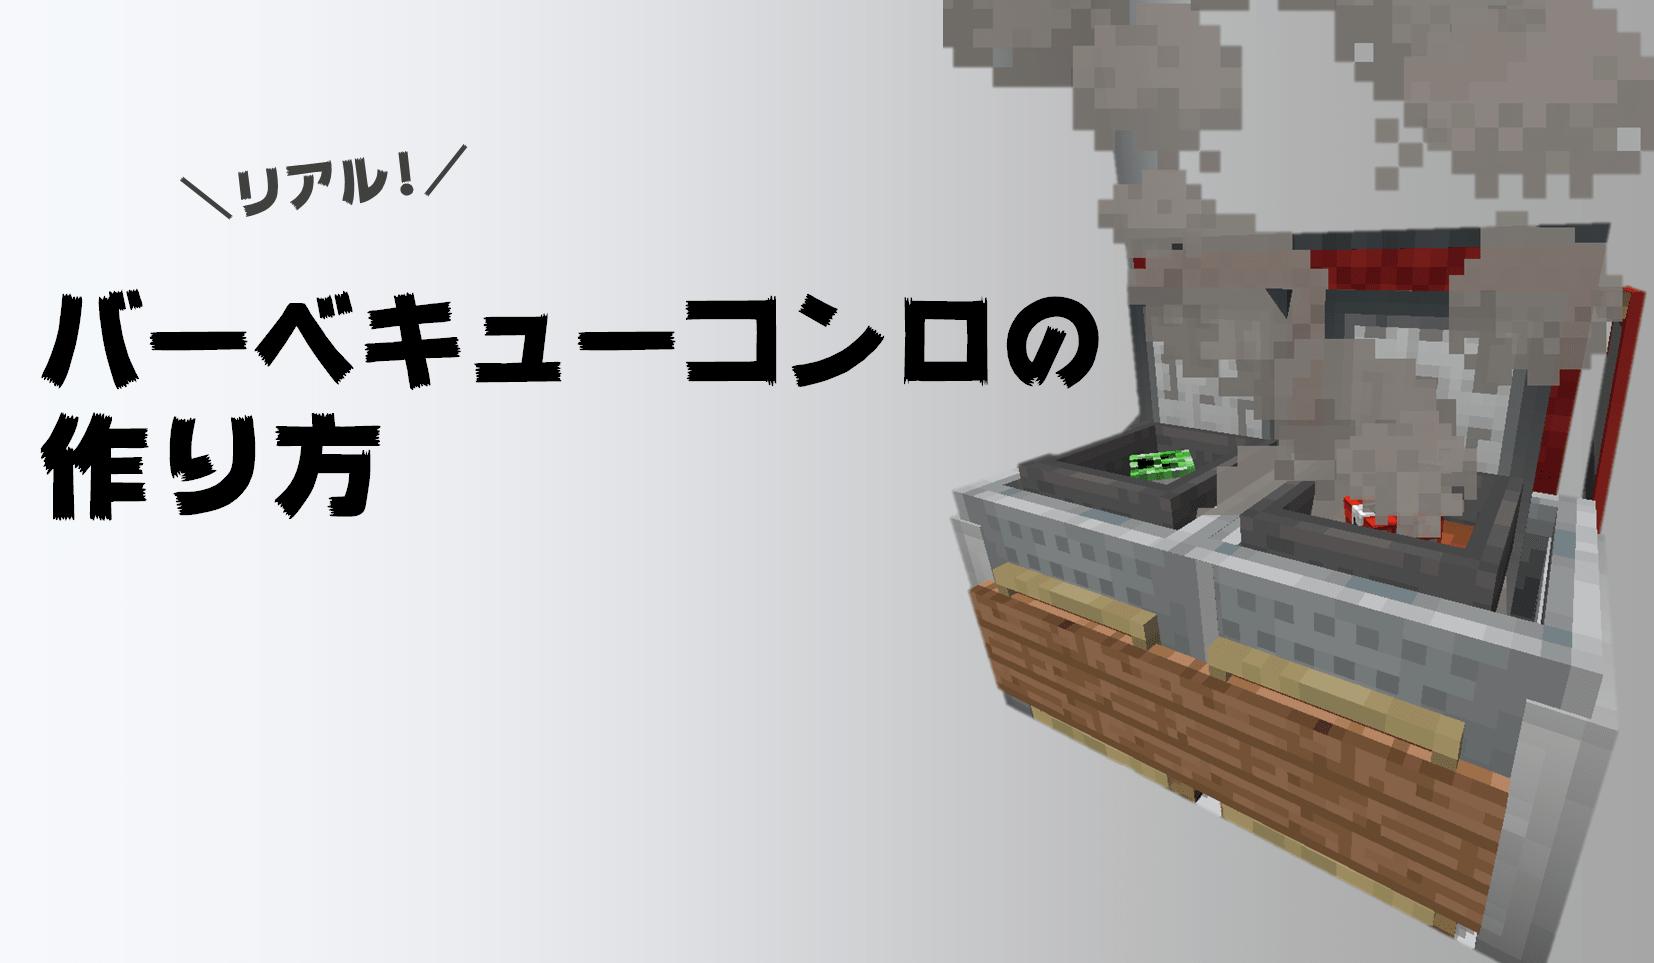 【マイクラ1.14】実際に焼けるリアルな「バーベキューコンロ」の作り方!